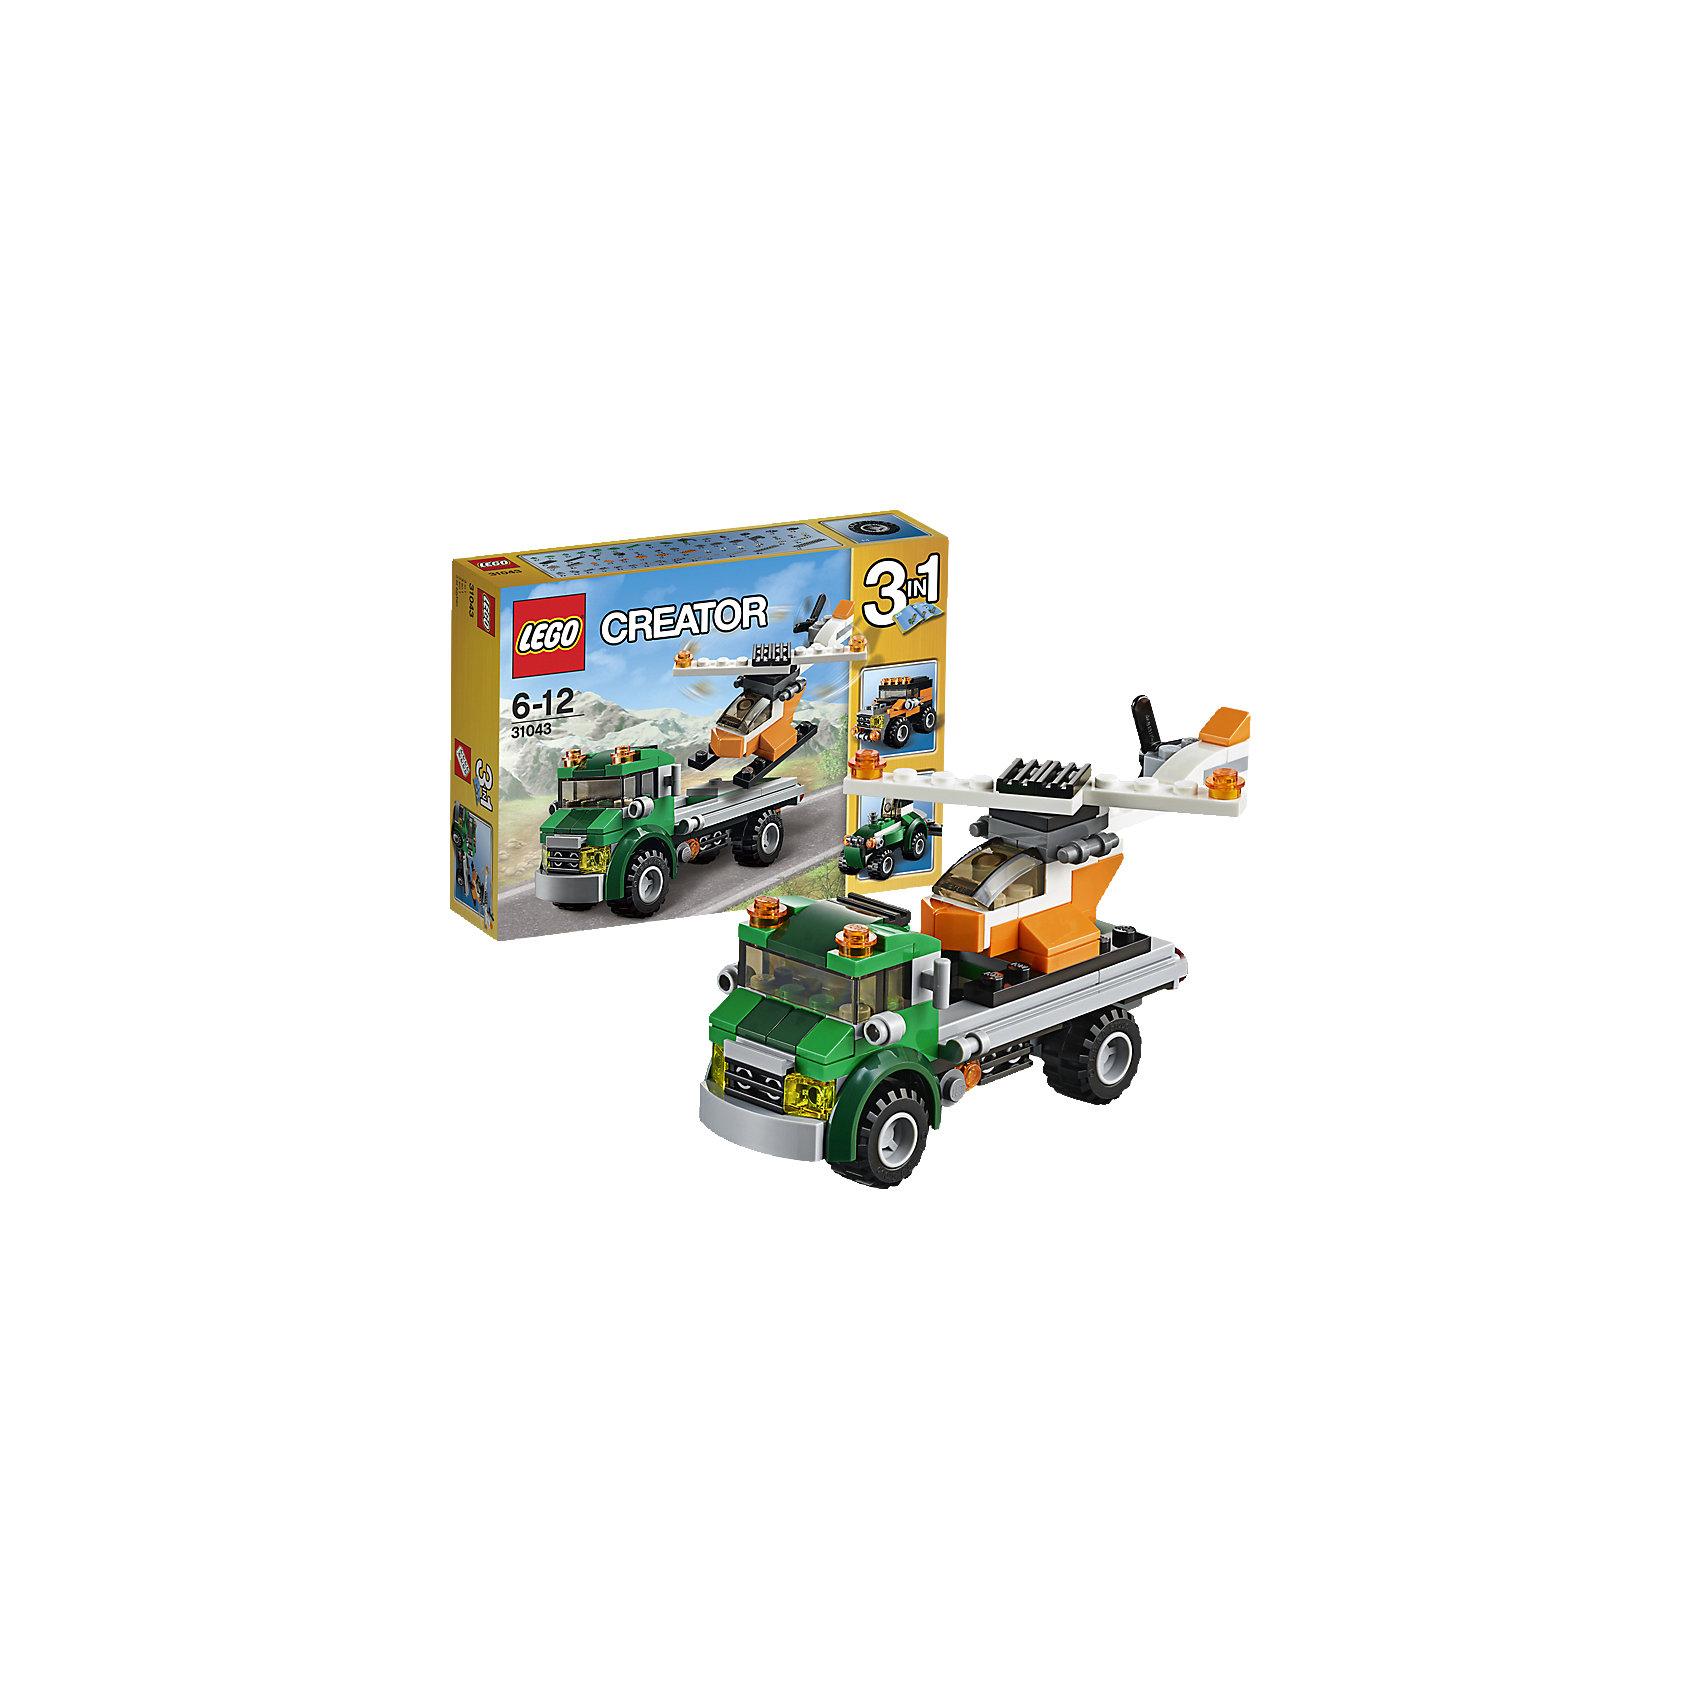 LEGO Creator 31043: Перевозчик вертолетаПридумай весёлую игру с этим удивительным набором, в который входит мощный эвакуатор, имеющий 2 оранжевых предупредительных маячка и шины с глубоким протектором, а также крутой вертолет с вращающимися винтами. Загружай вертолет и отправляйся на аэродром! Перестрой его в прочный трактор или надежный внедорожник.<br><br>LEGO Creator (Лего Криэйтор) - серия конструкторов Лего, с помощью которых можно создать самые невероятные и детализированные постройки, оригинальных героев, необыкновенные транспортные средства. Из деталей одного набора можно построить несколько разных моделей. С конструкторами Лего Криэйтор ребёнок сможет каждый день придумывать новые игровые сюжеты, создавать фантастический мир, воплощая фантазии в реальность.  <br><br>Дополнительная информация:<br><br>- Конструкторы ЛЕГО развивают усидчивость, внимание, фантазию и мелкую моторику. <br>- Комплектация: самолет.<br>- Количество деталей: 100.<br>- Серия LEGO Creator (Лего Криэйтор).<br>- Материал: пластик.<br>- Размер упаковки: 19х4,6х14 см.<br>- Вес: 0.18  кг.<br><br>LEGO Creator 31043: Перевозчик вертолета можно купить в нашем магазине.<br><br>Ширина мм: 193<br>Глубина мм: 142<br>Высота мм: 48<br>Вес г: 171<br>Возраст от месяцев: 72<br>Возраст до месяцев: 144<br>Пол: Мужской<br>Возраст: Детский<br>SKU: 4259027